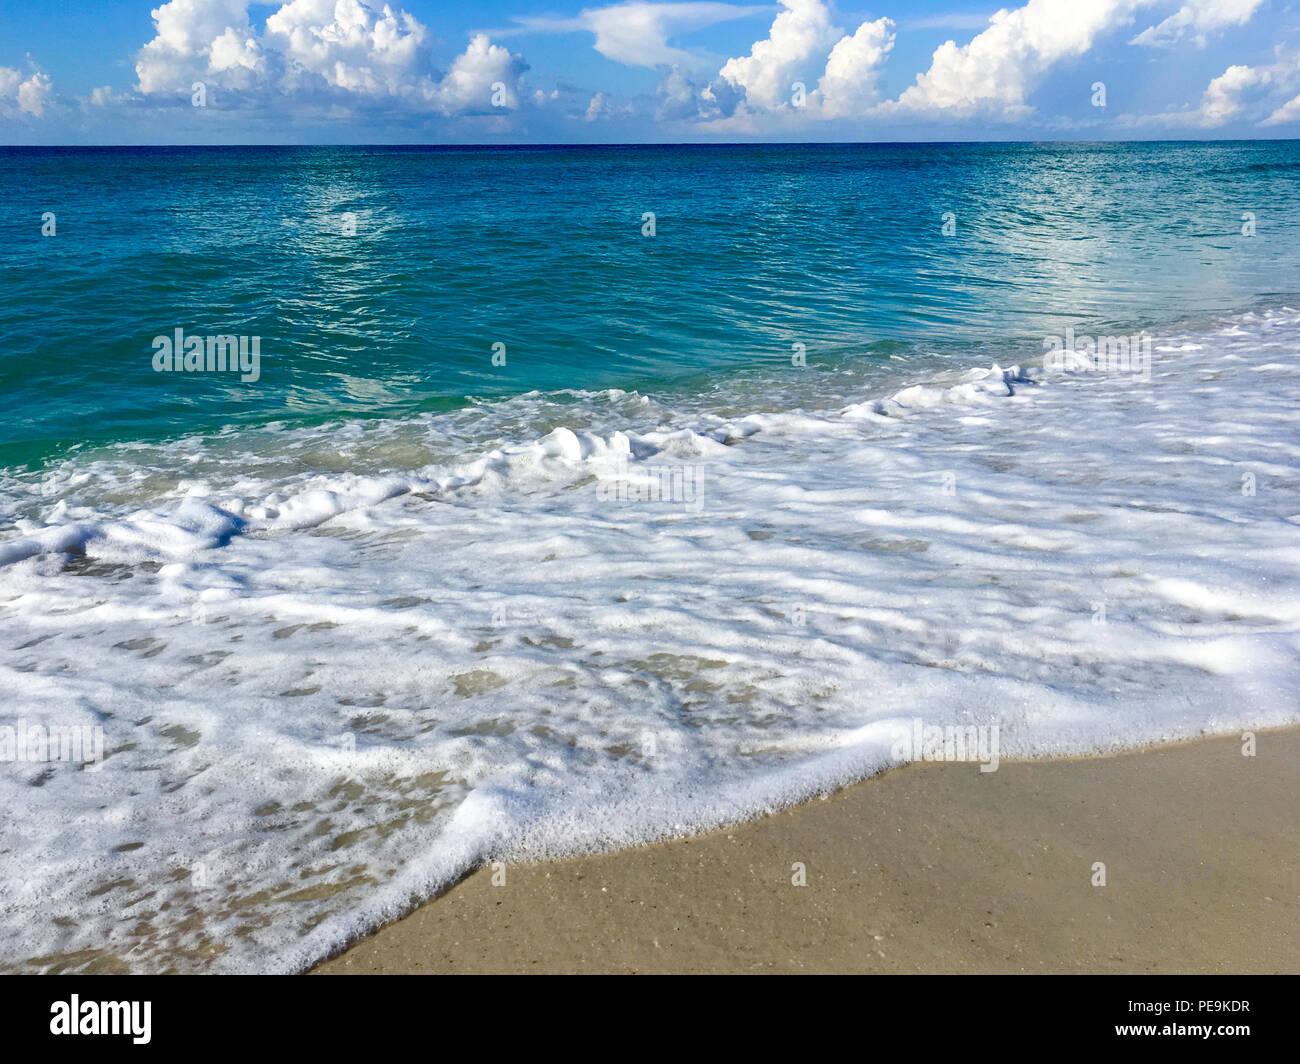 Gulf Shores Alabama Beach Stock Photos & Gulf Shores Alabama Beach